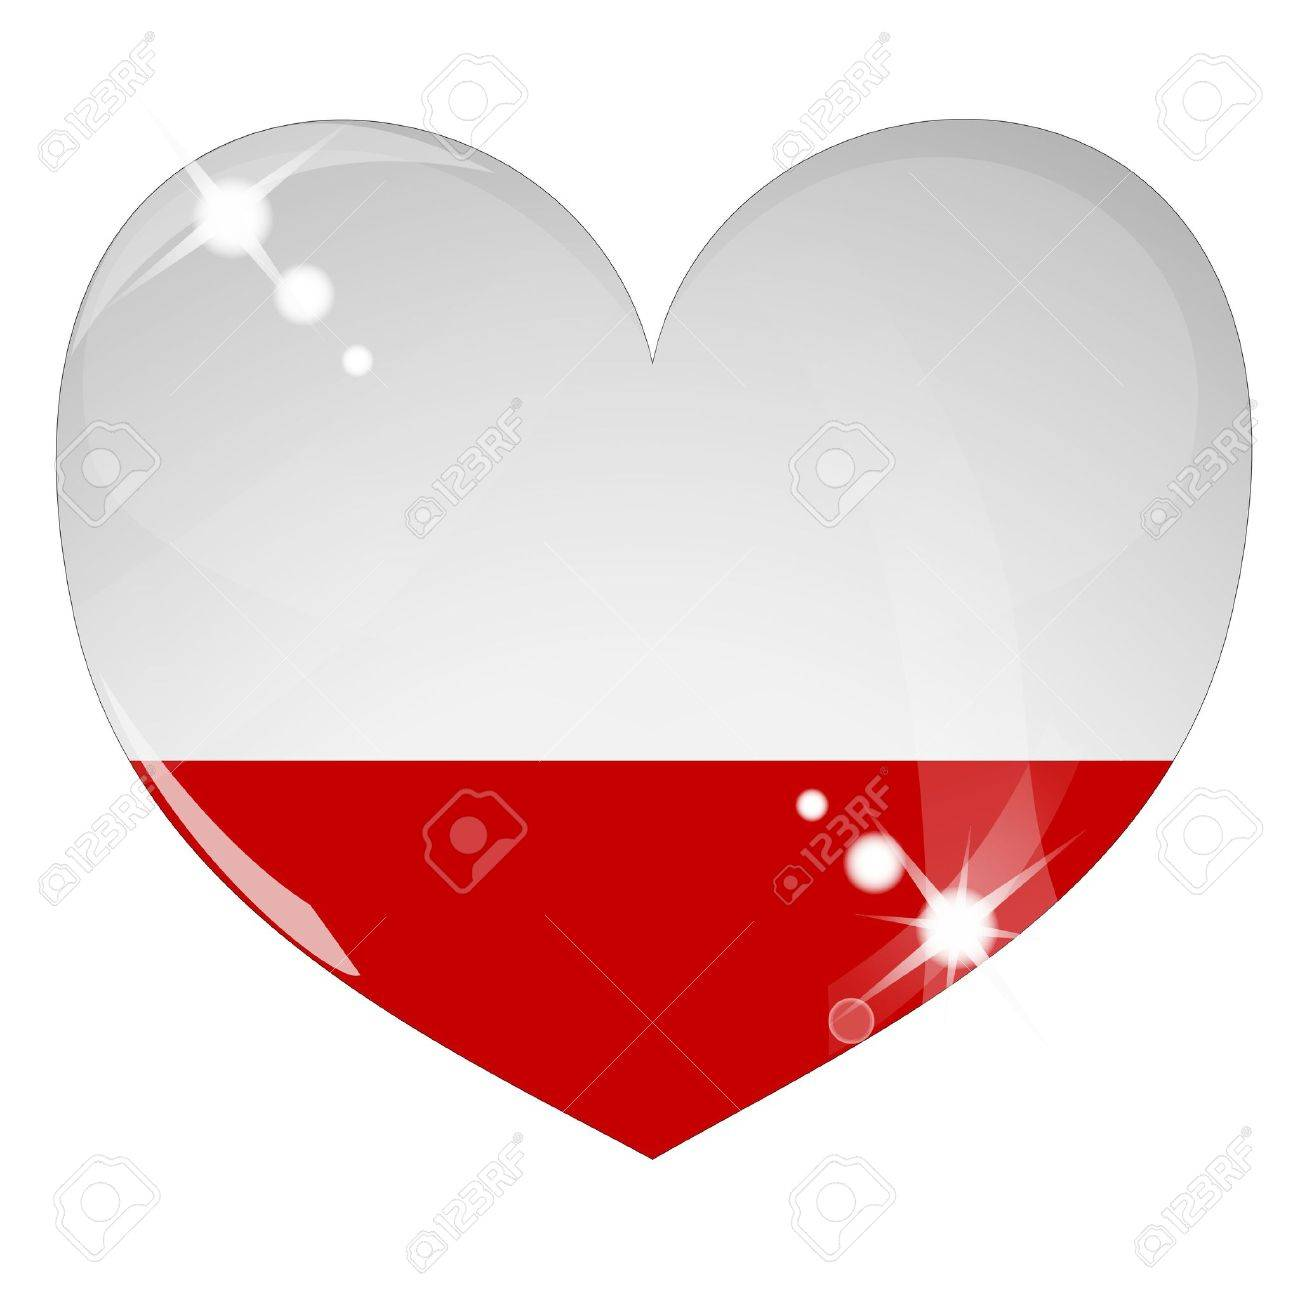 Vector heart with Poland flag texture - 8503230